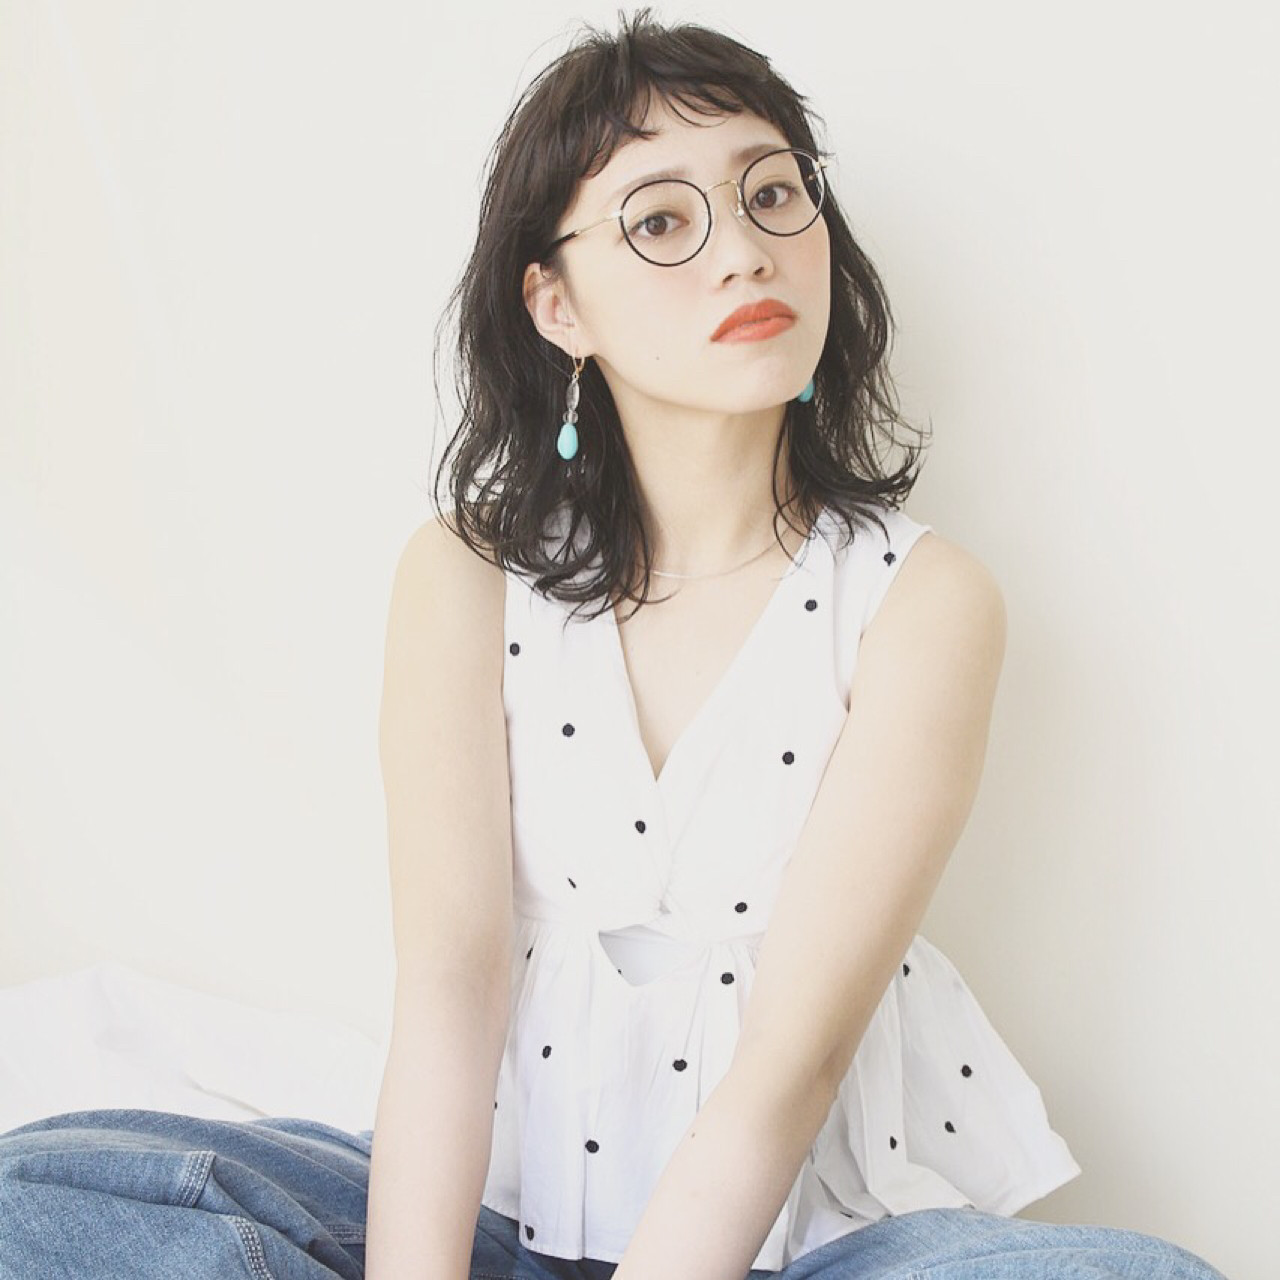 パーマ ミディアム 女子会 ナチュラル ヘアスタイルや髪型の写真・画像 | 川島 ゆり / ROGUE